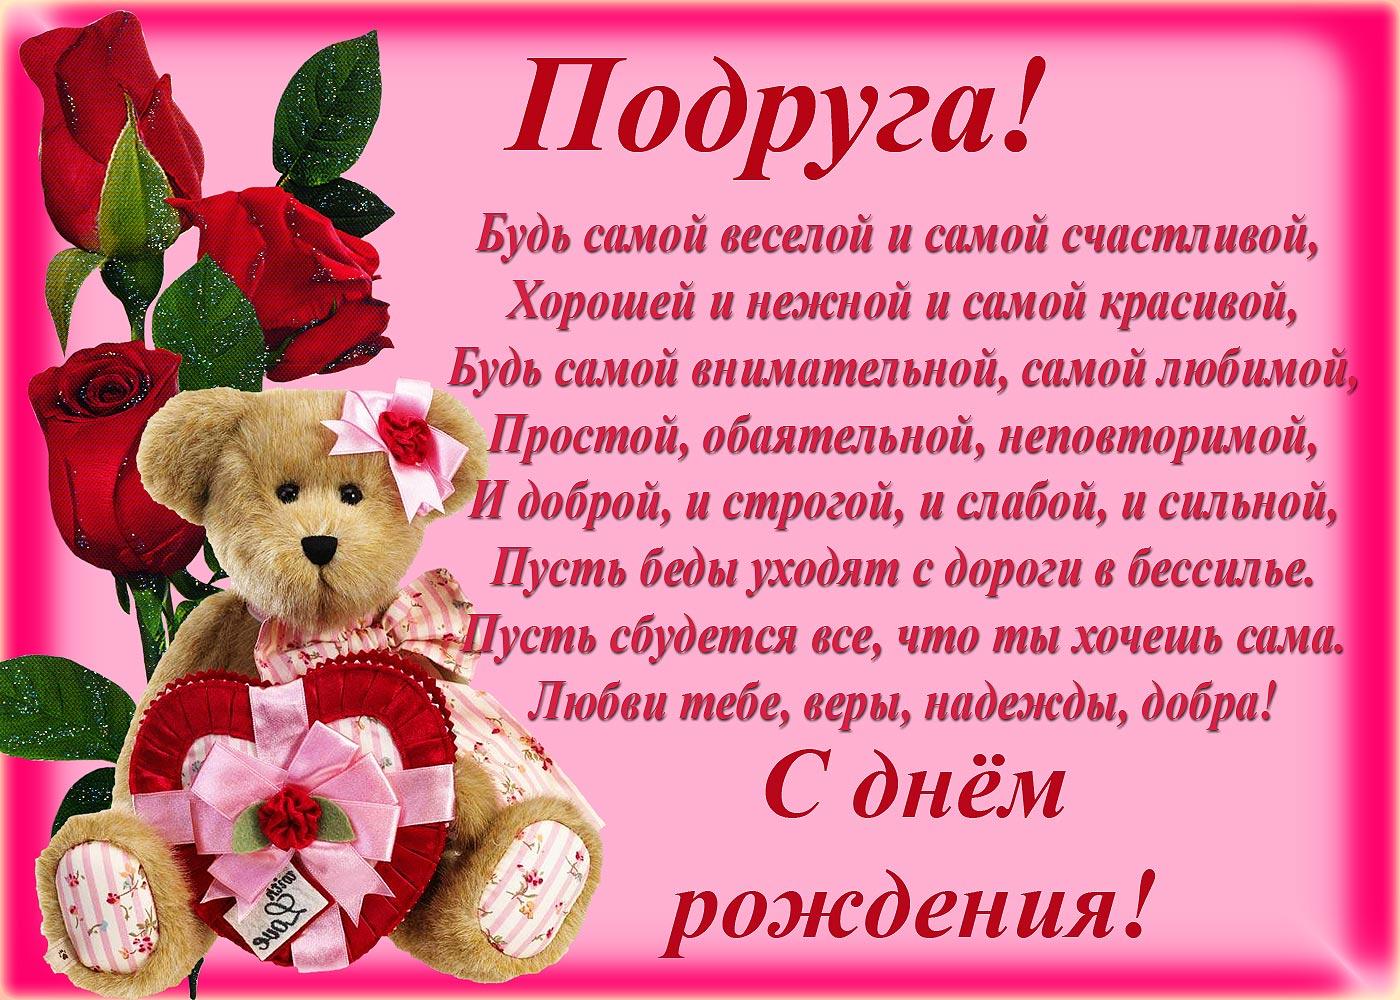 открытка подруге с днем рождения с фото